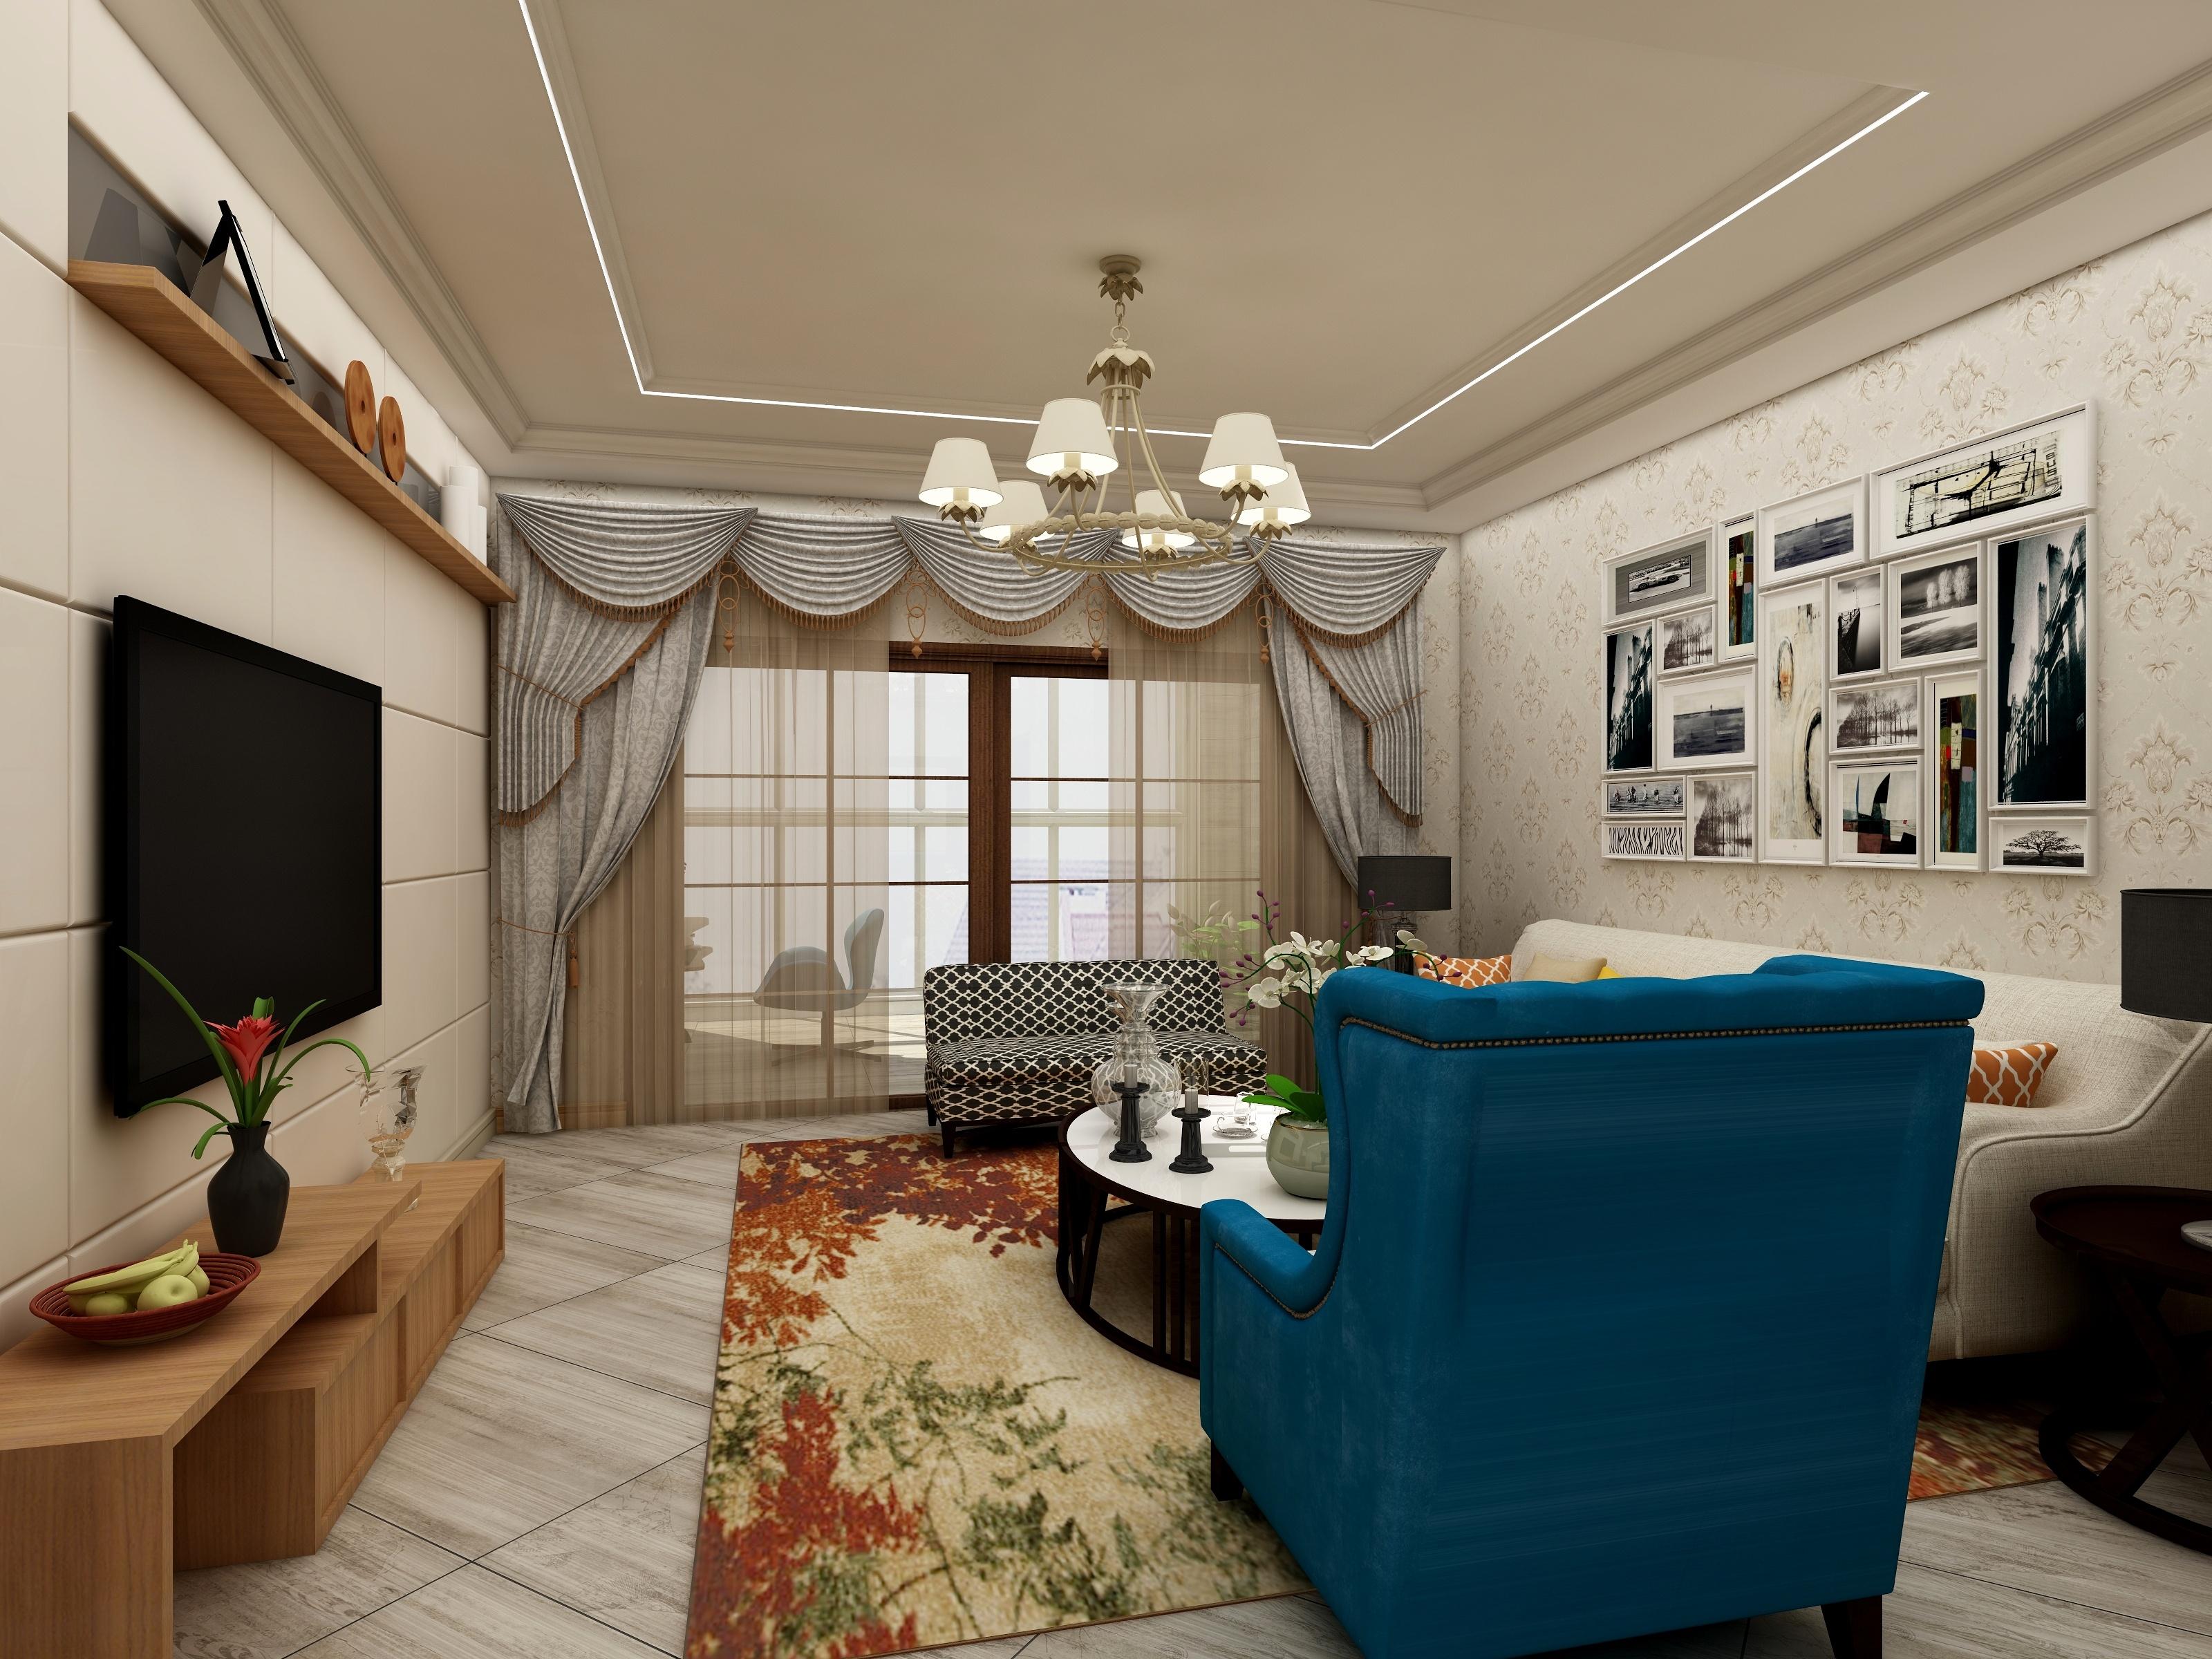 浩然国际4室2厅1卫1厨-设计师:马文文